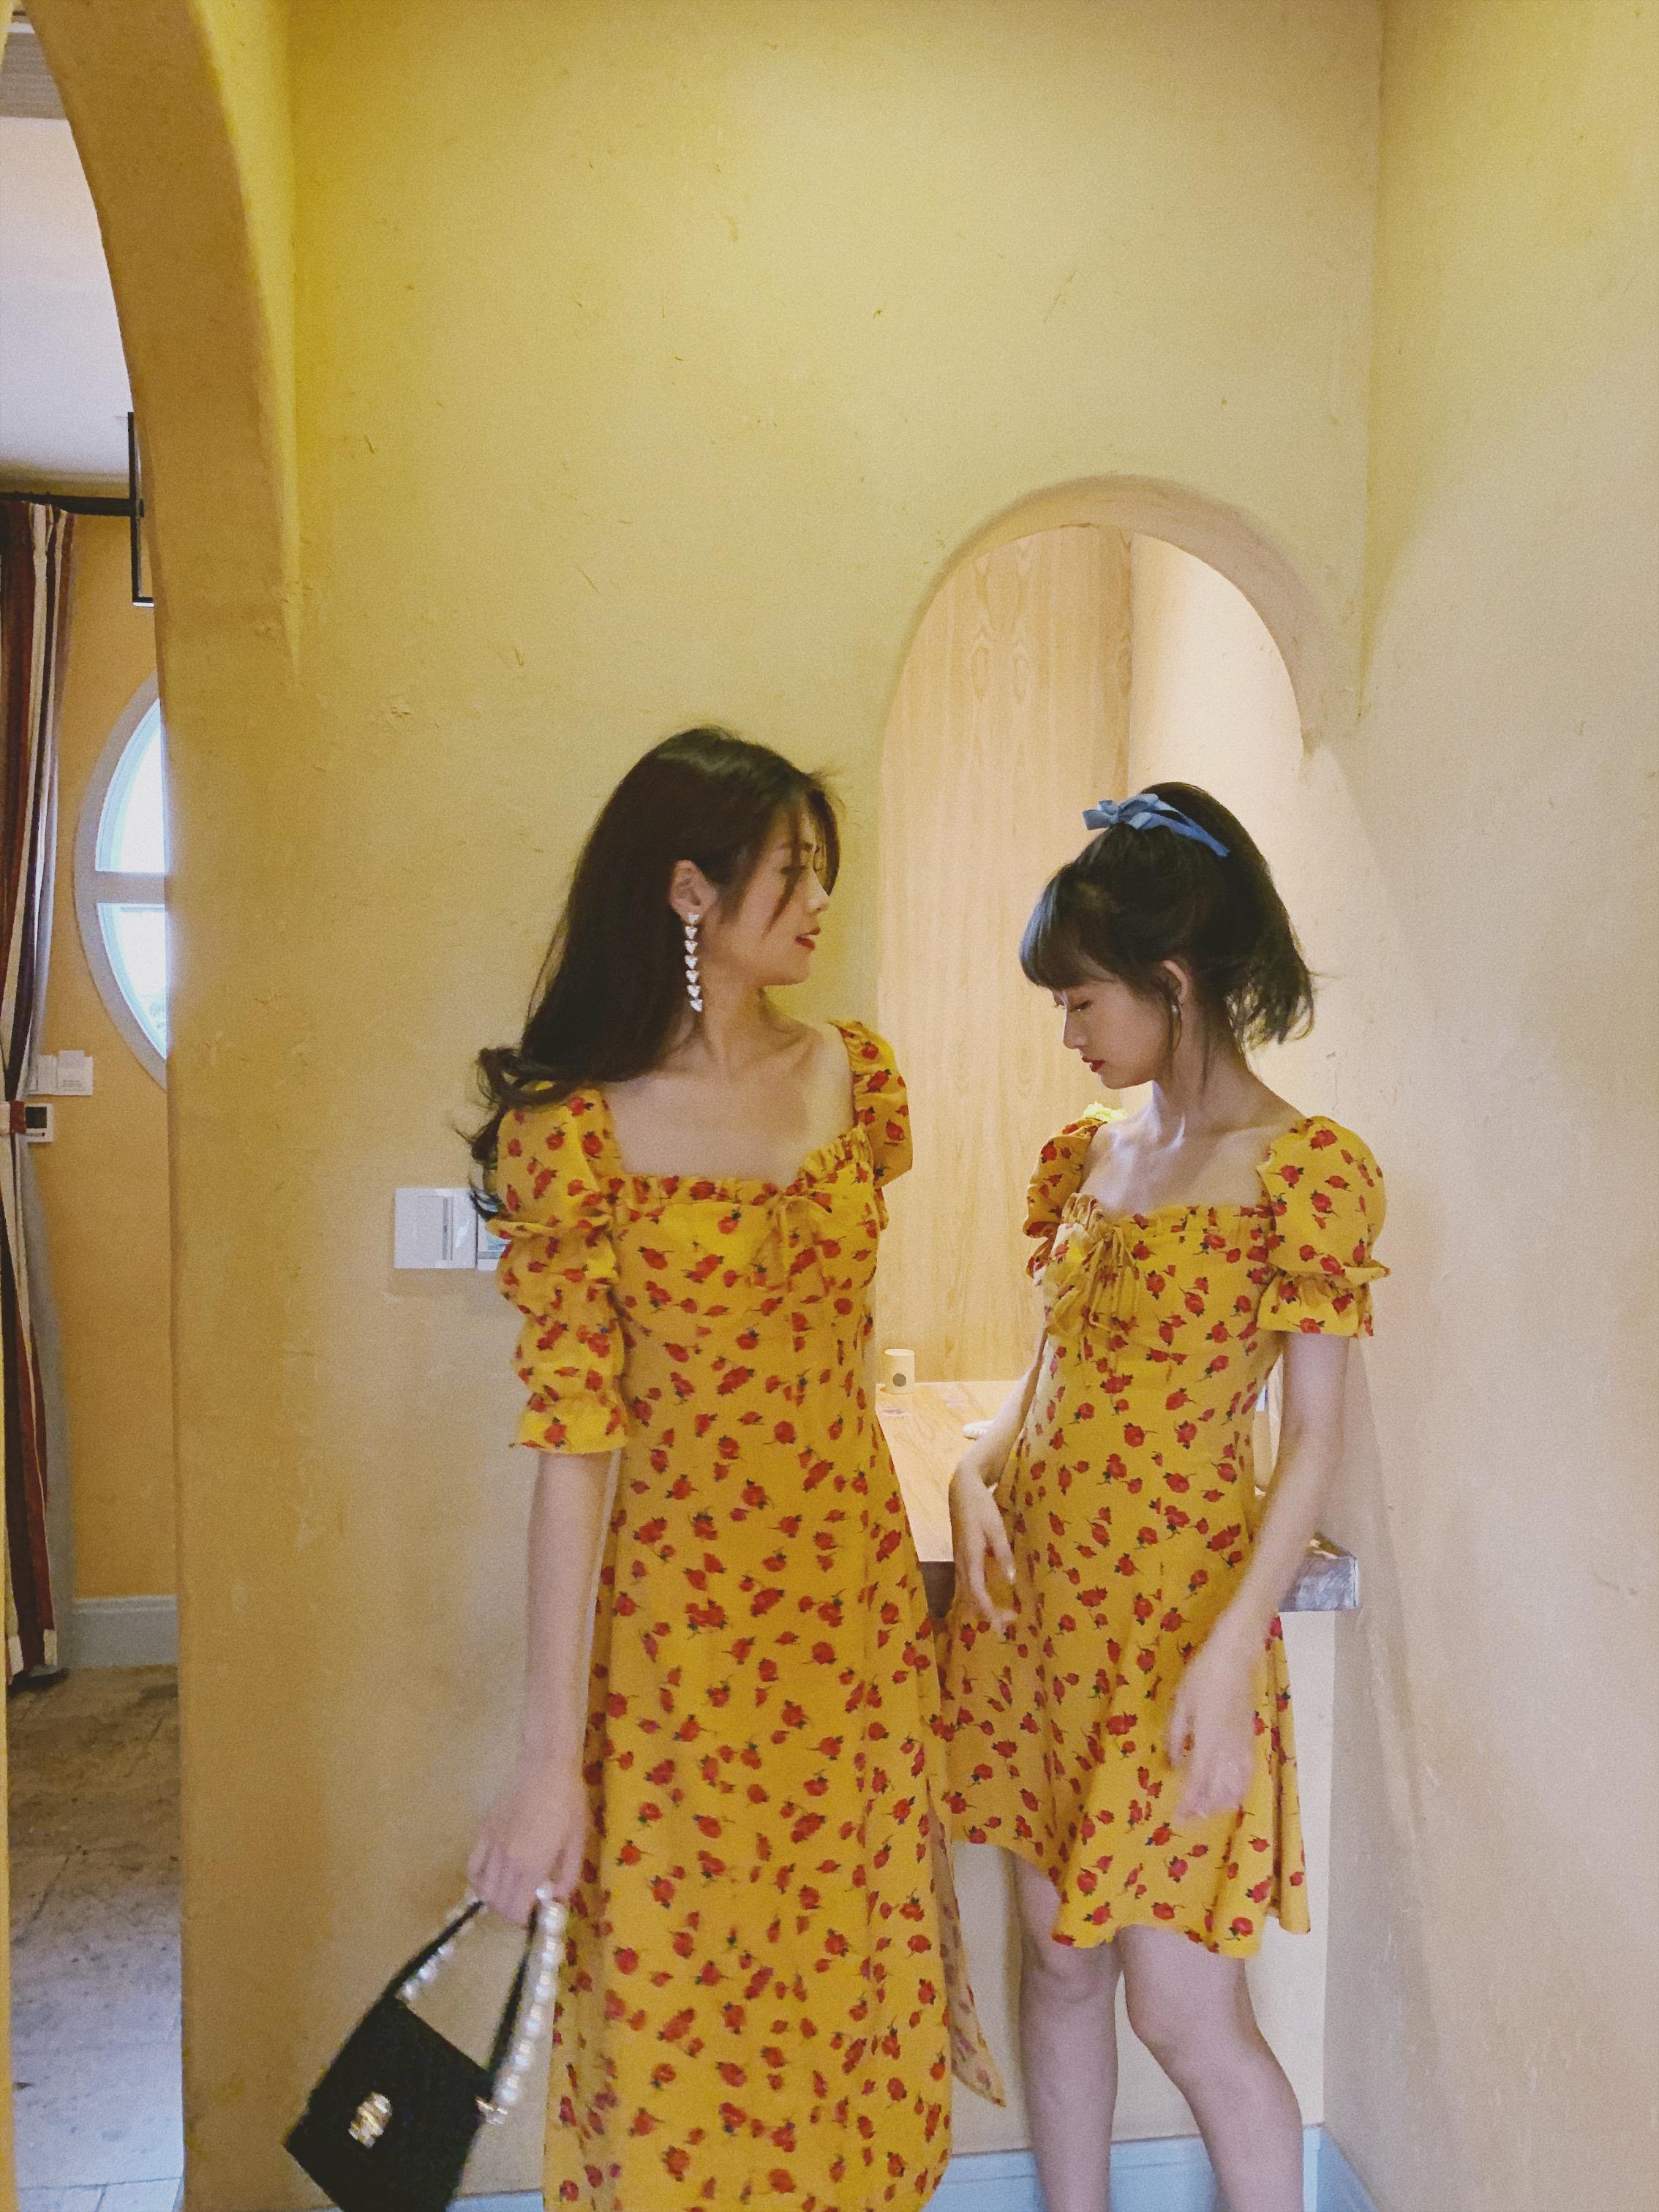 黄色连衣裙 下蛋喵 法国小众 19夏复古少女黄色印花修身显瘦高腰 碎花连衣裙_推荐淘宝好看的黄色连衣裙